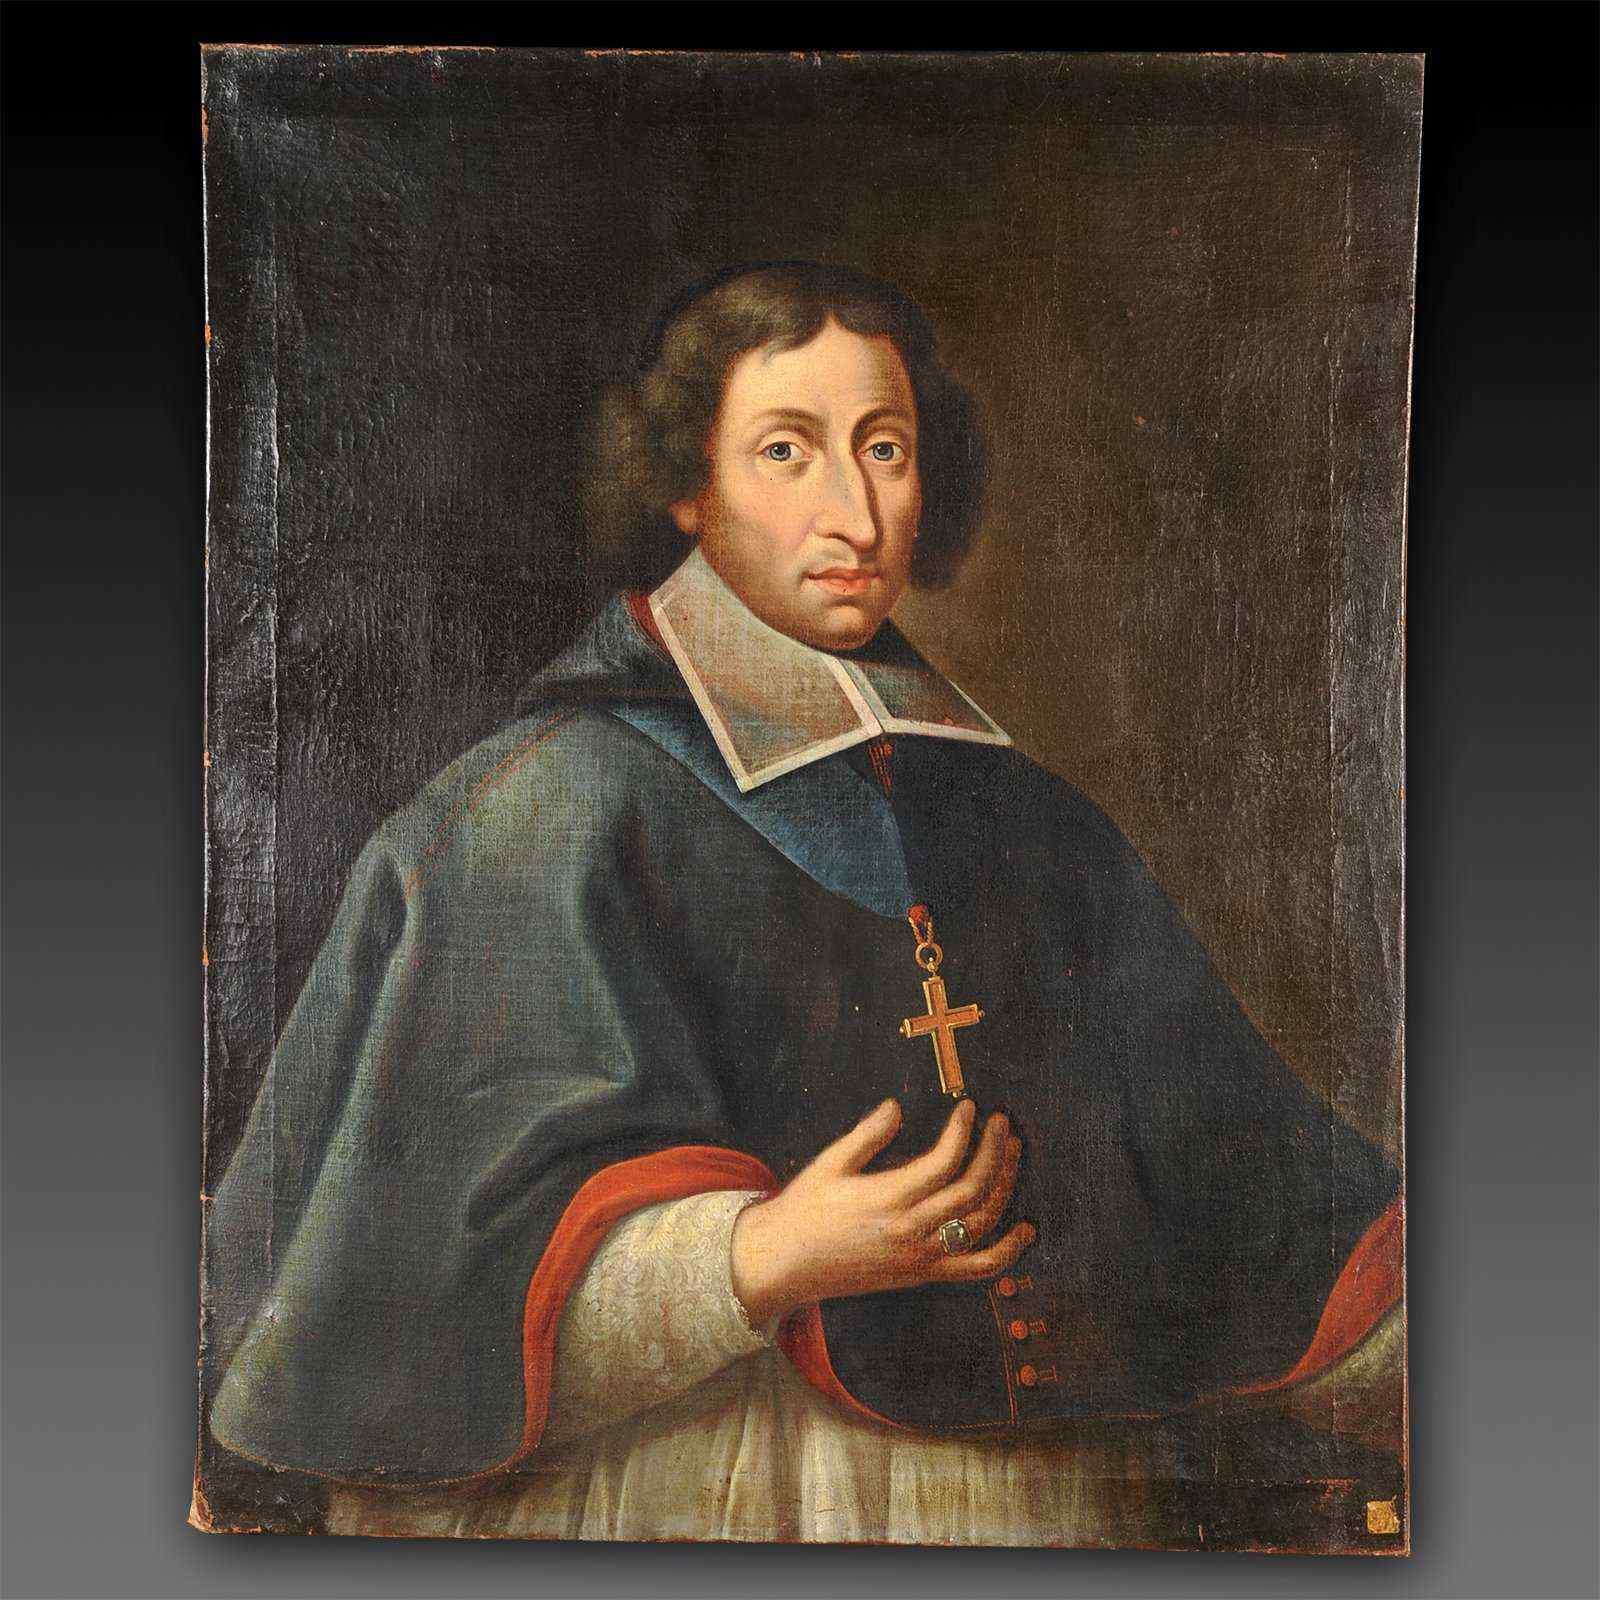 Ritratto di Fenelon, Filosofo e Arcivescovo Duca di Cambrai